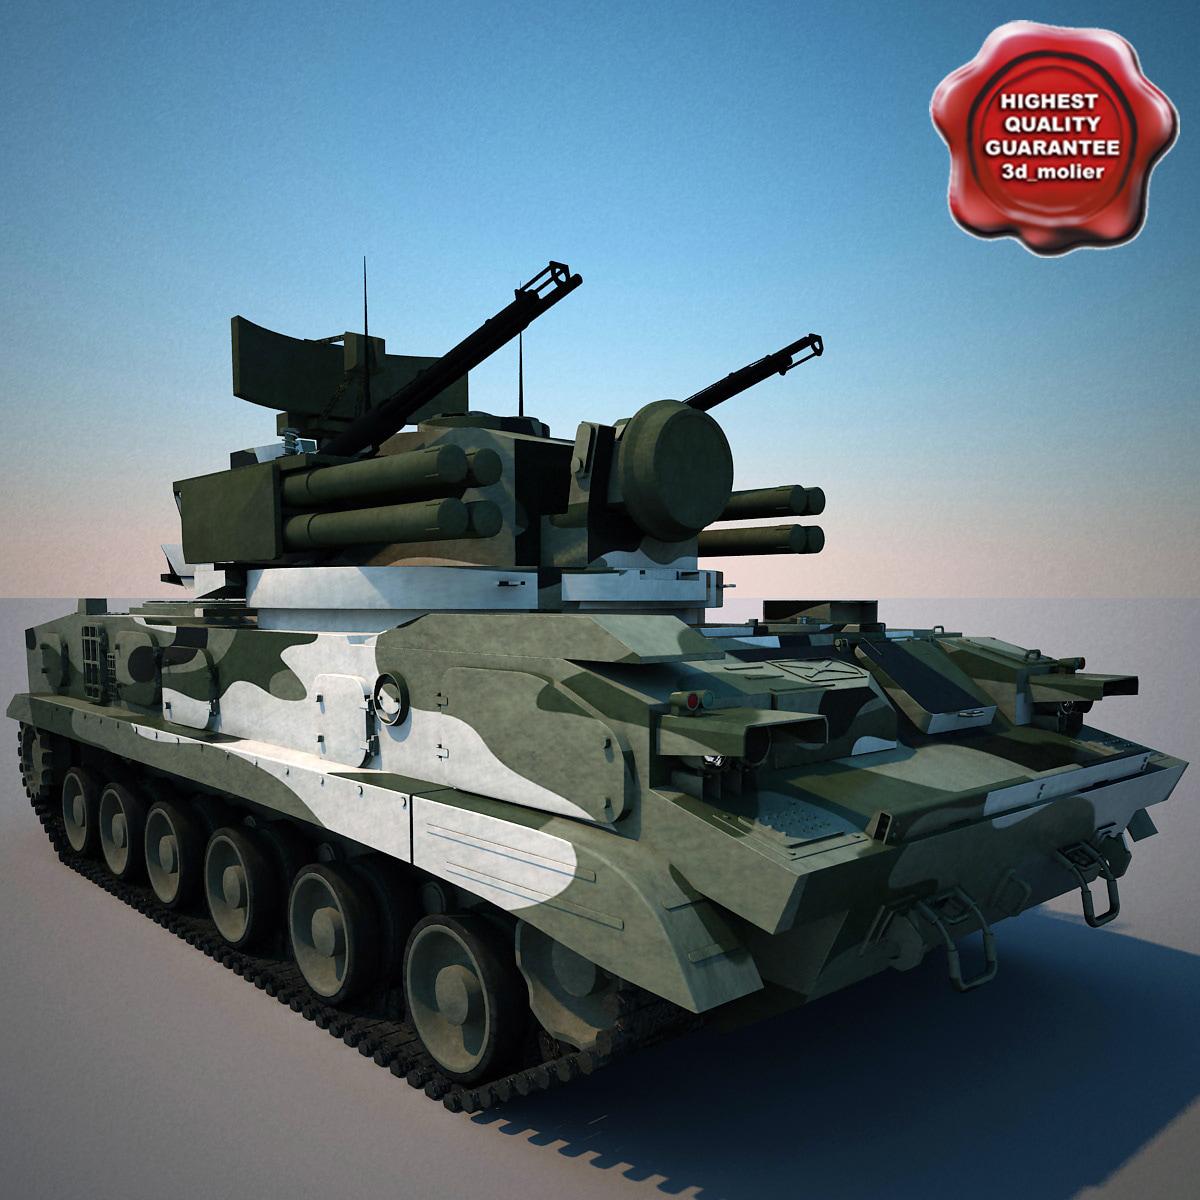 9k22 tunguska sa-19 grison 3d model